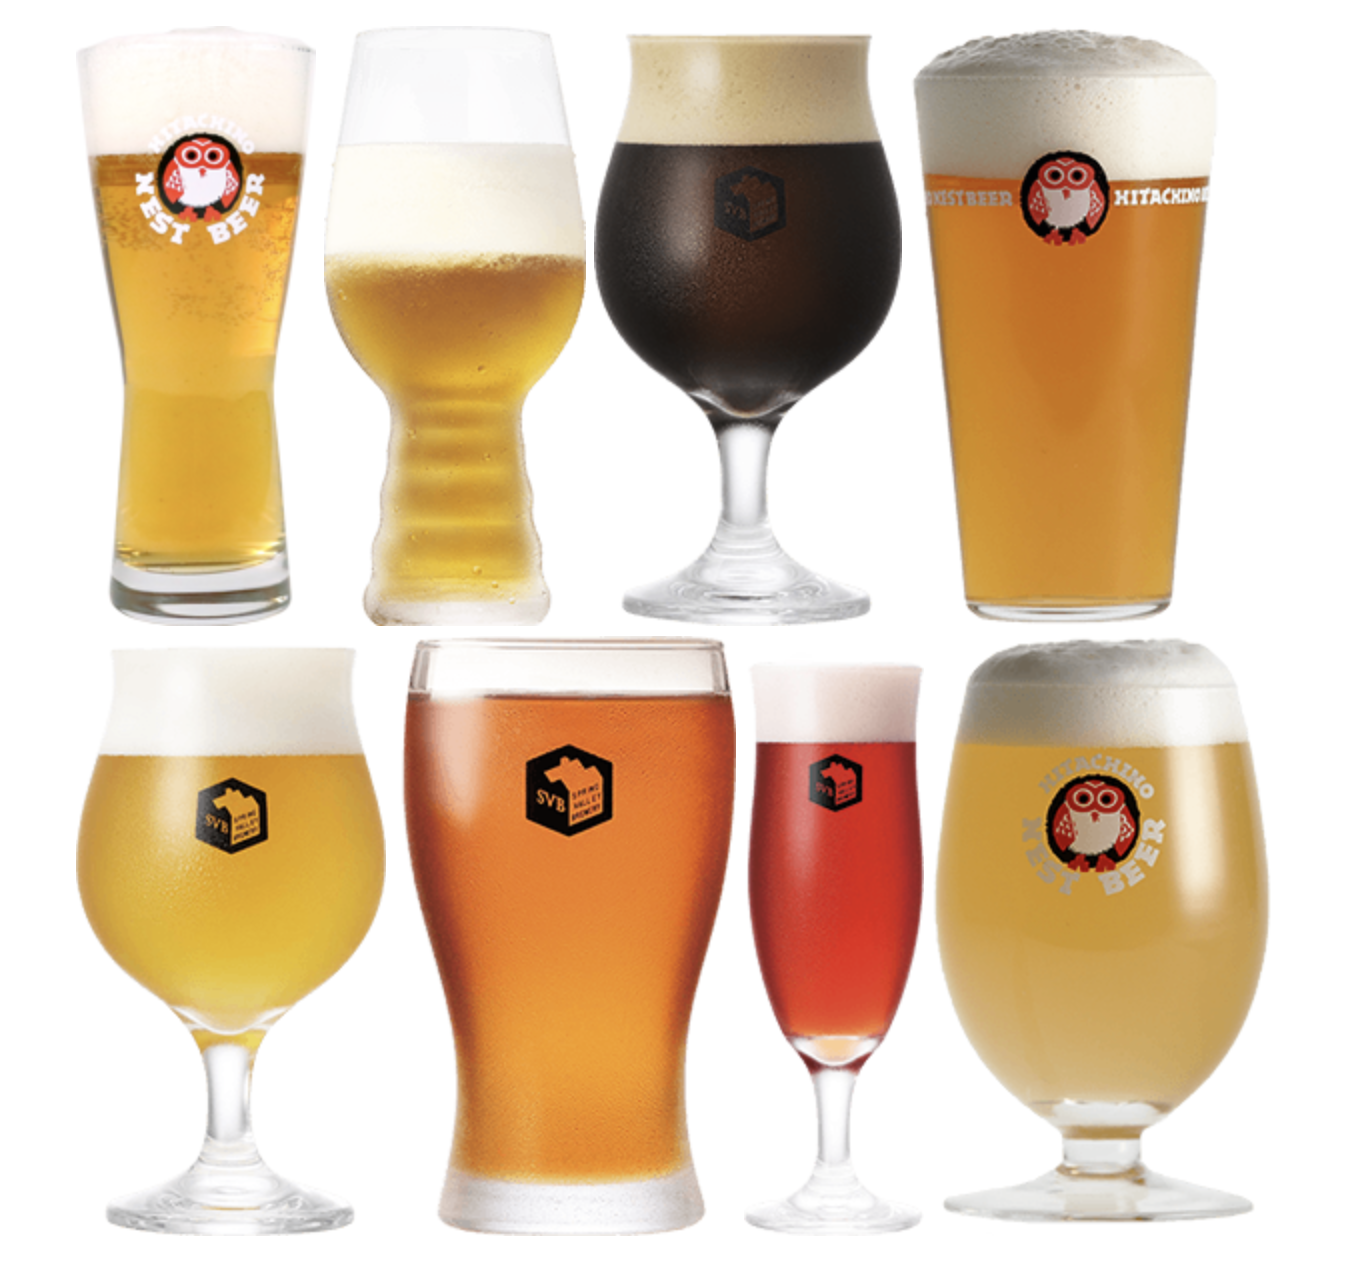 2/27(水)18:30-20:30 シネマカフェ(ツー1F)クラフトビール8種飲み比べセミナー開催